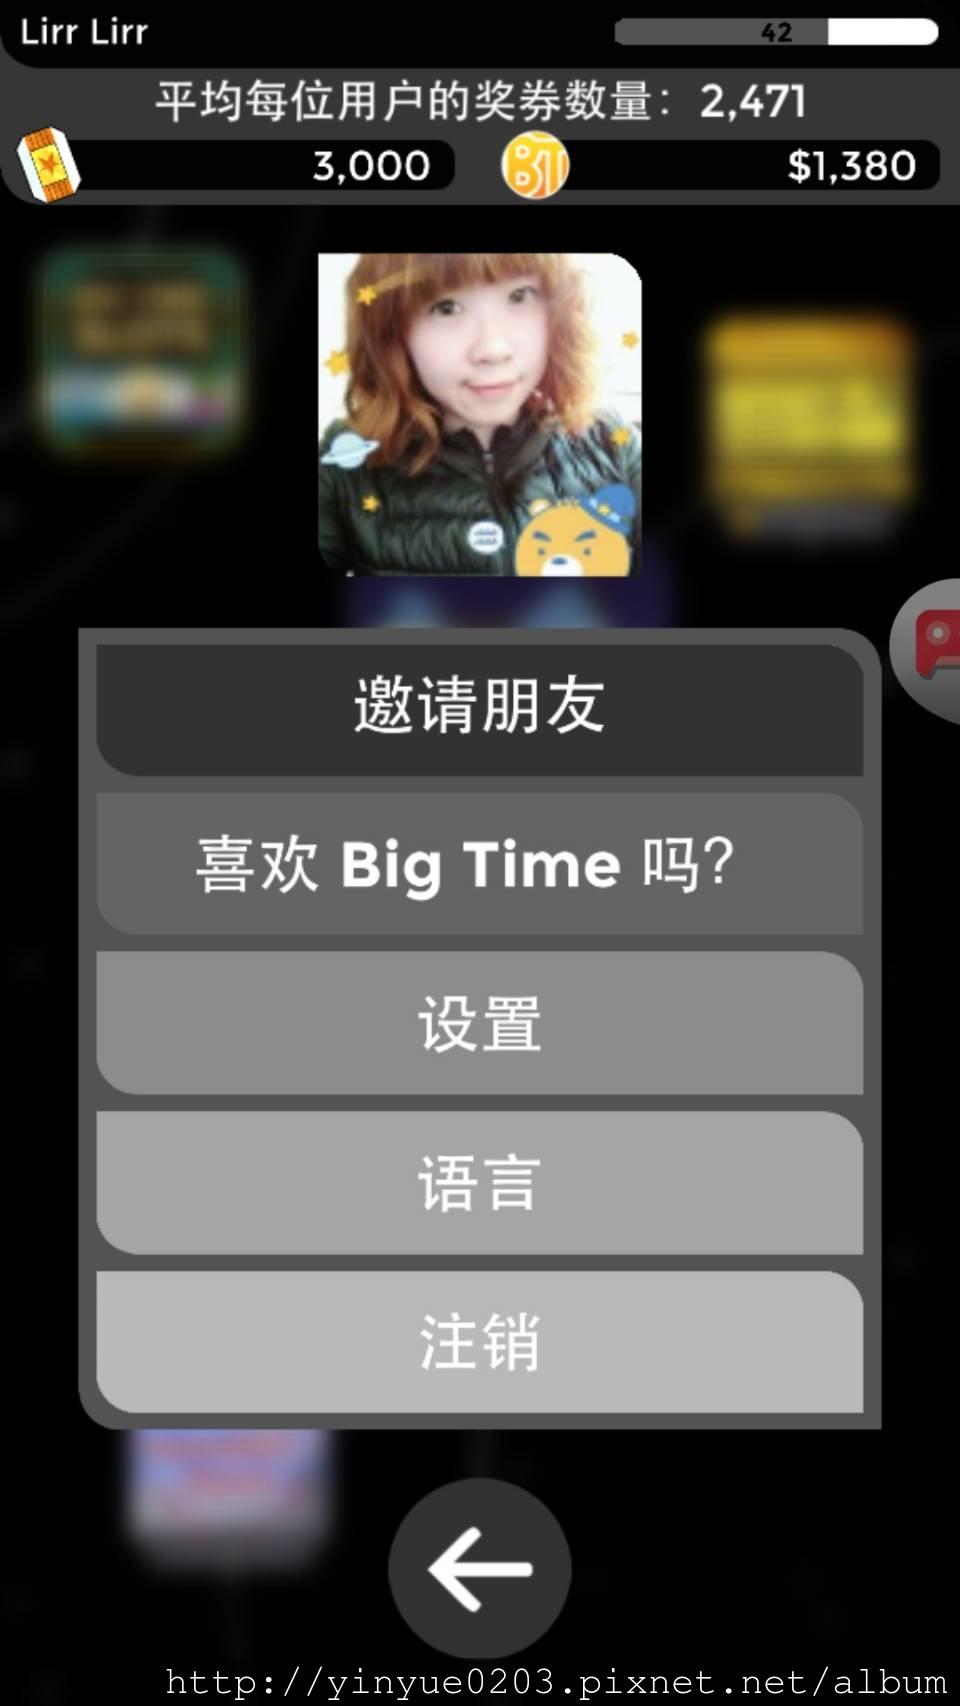 bigtime-改中文